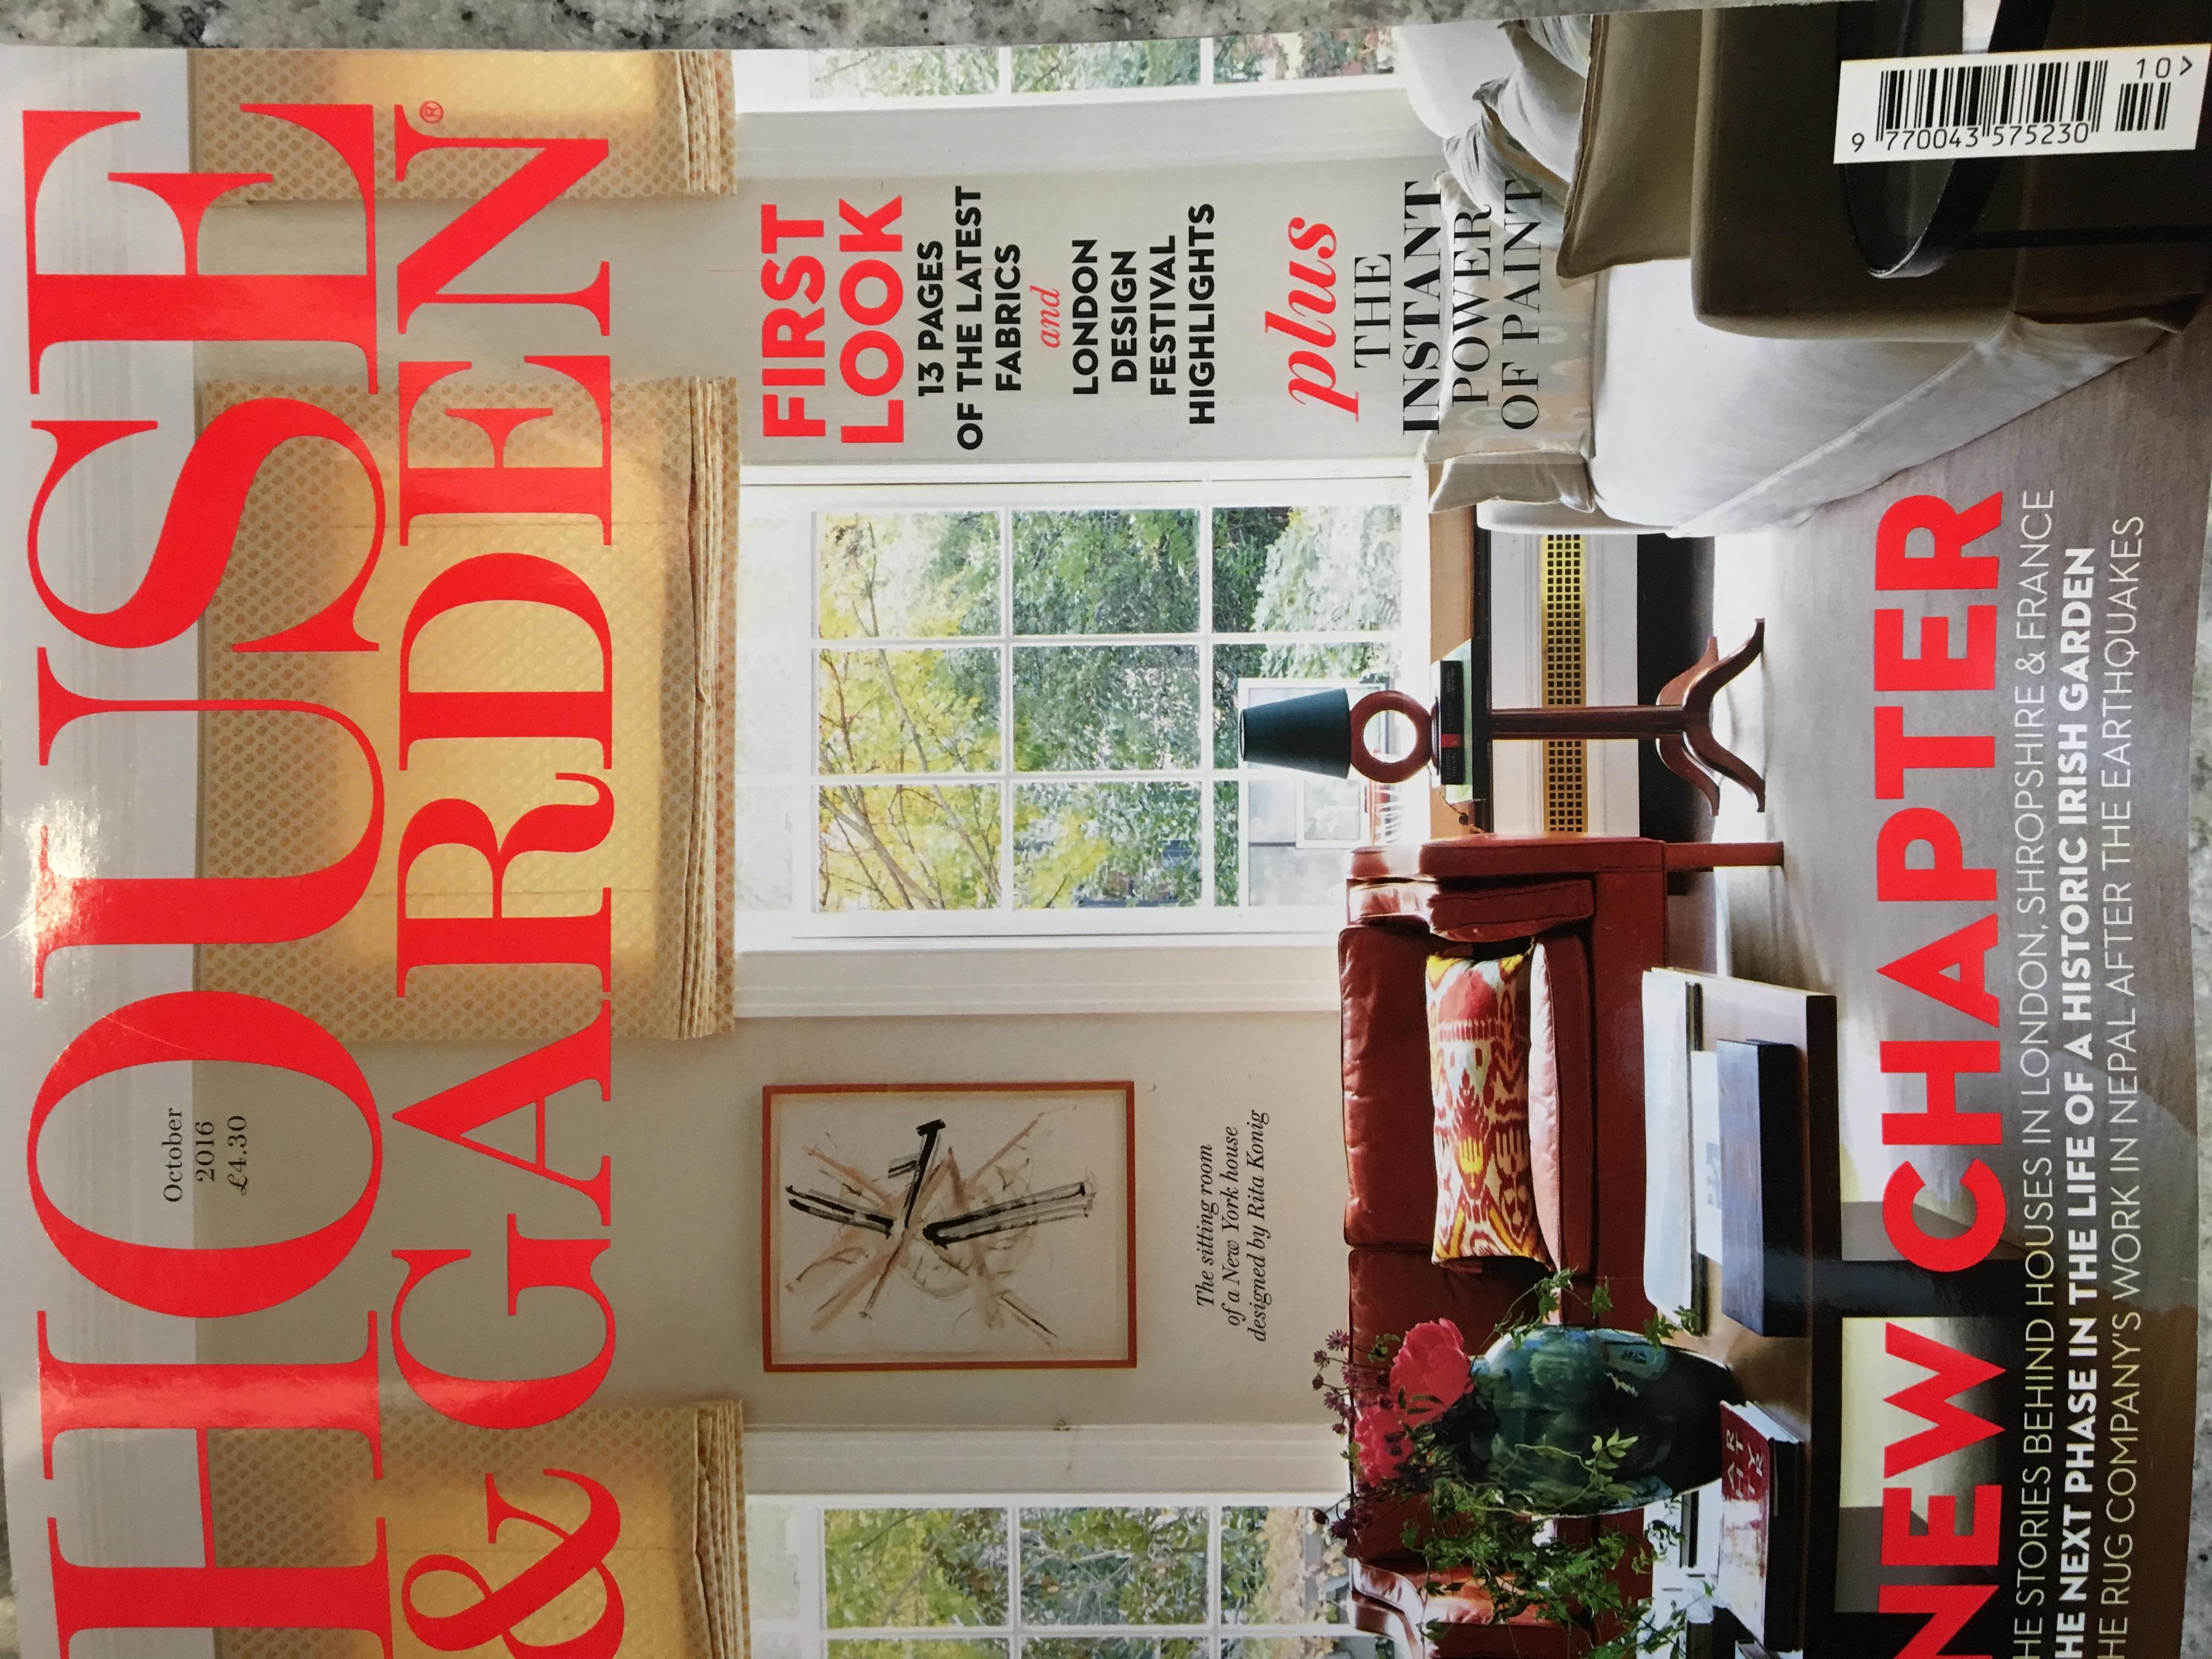 Kelfield featured in House & Garden